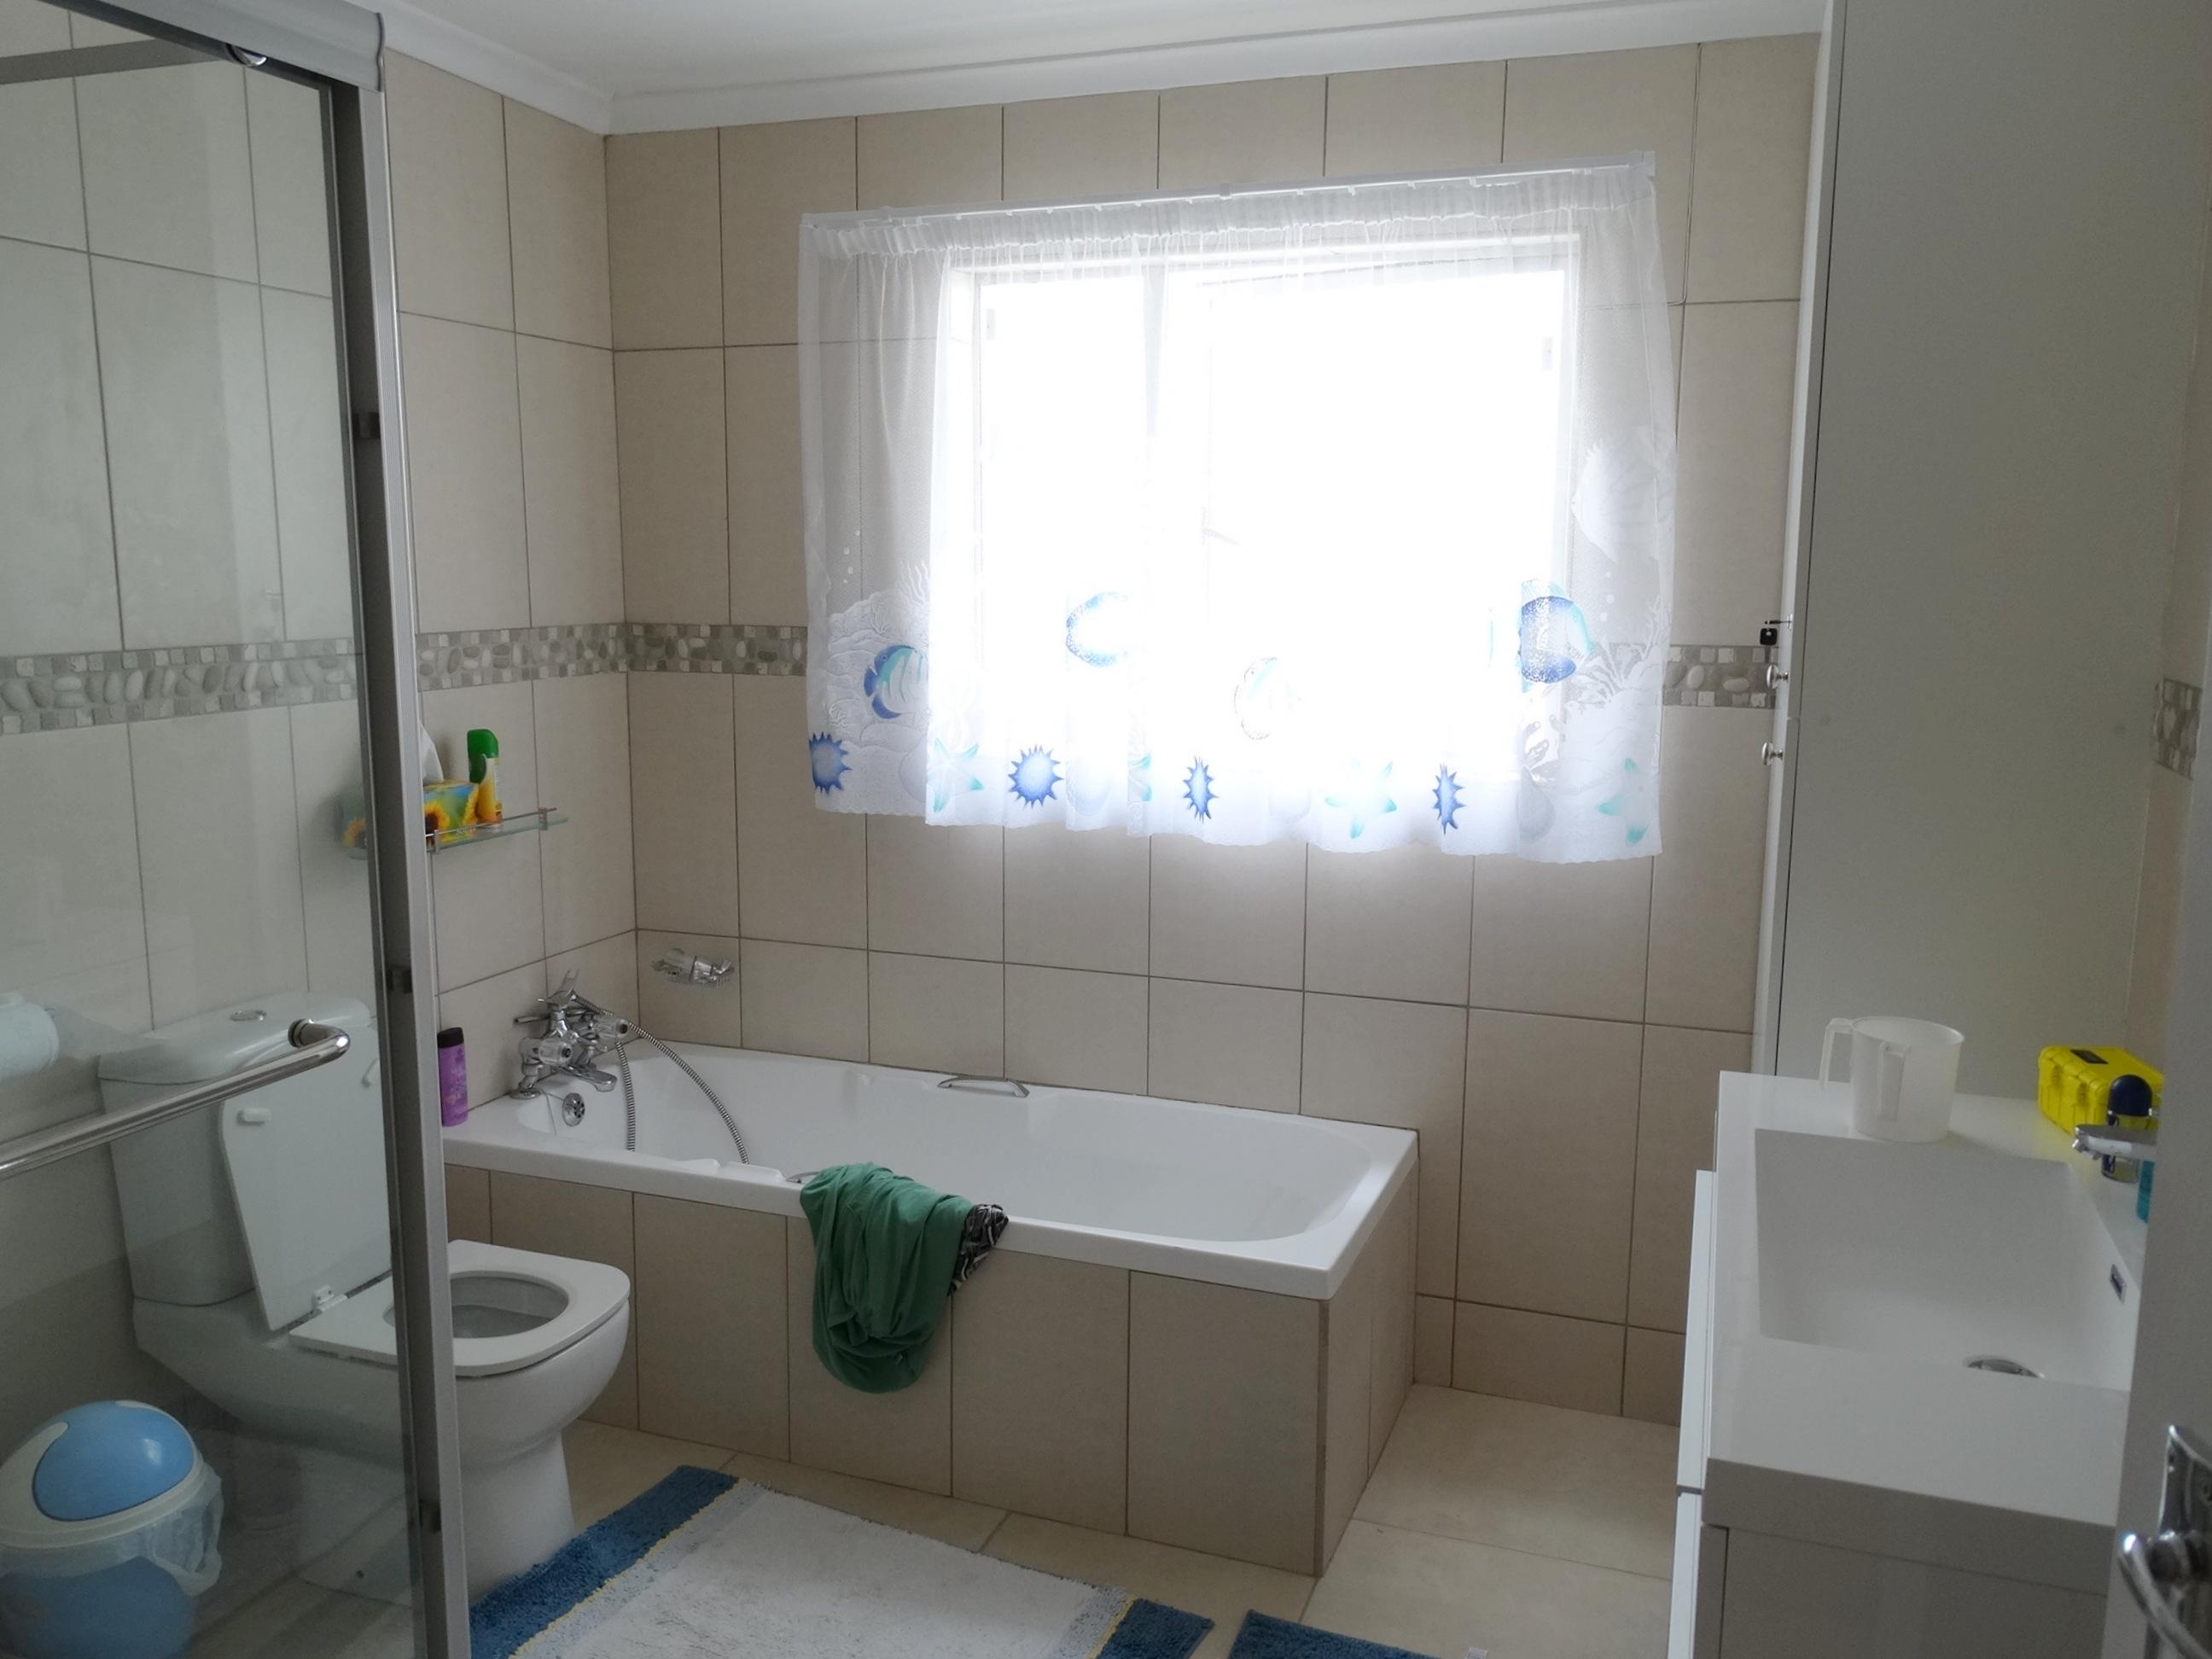 Old bathroom re-modeled